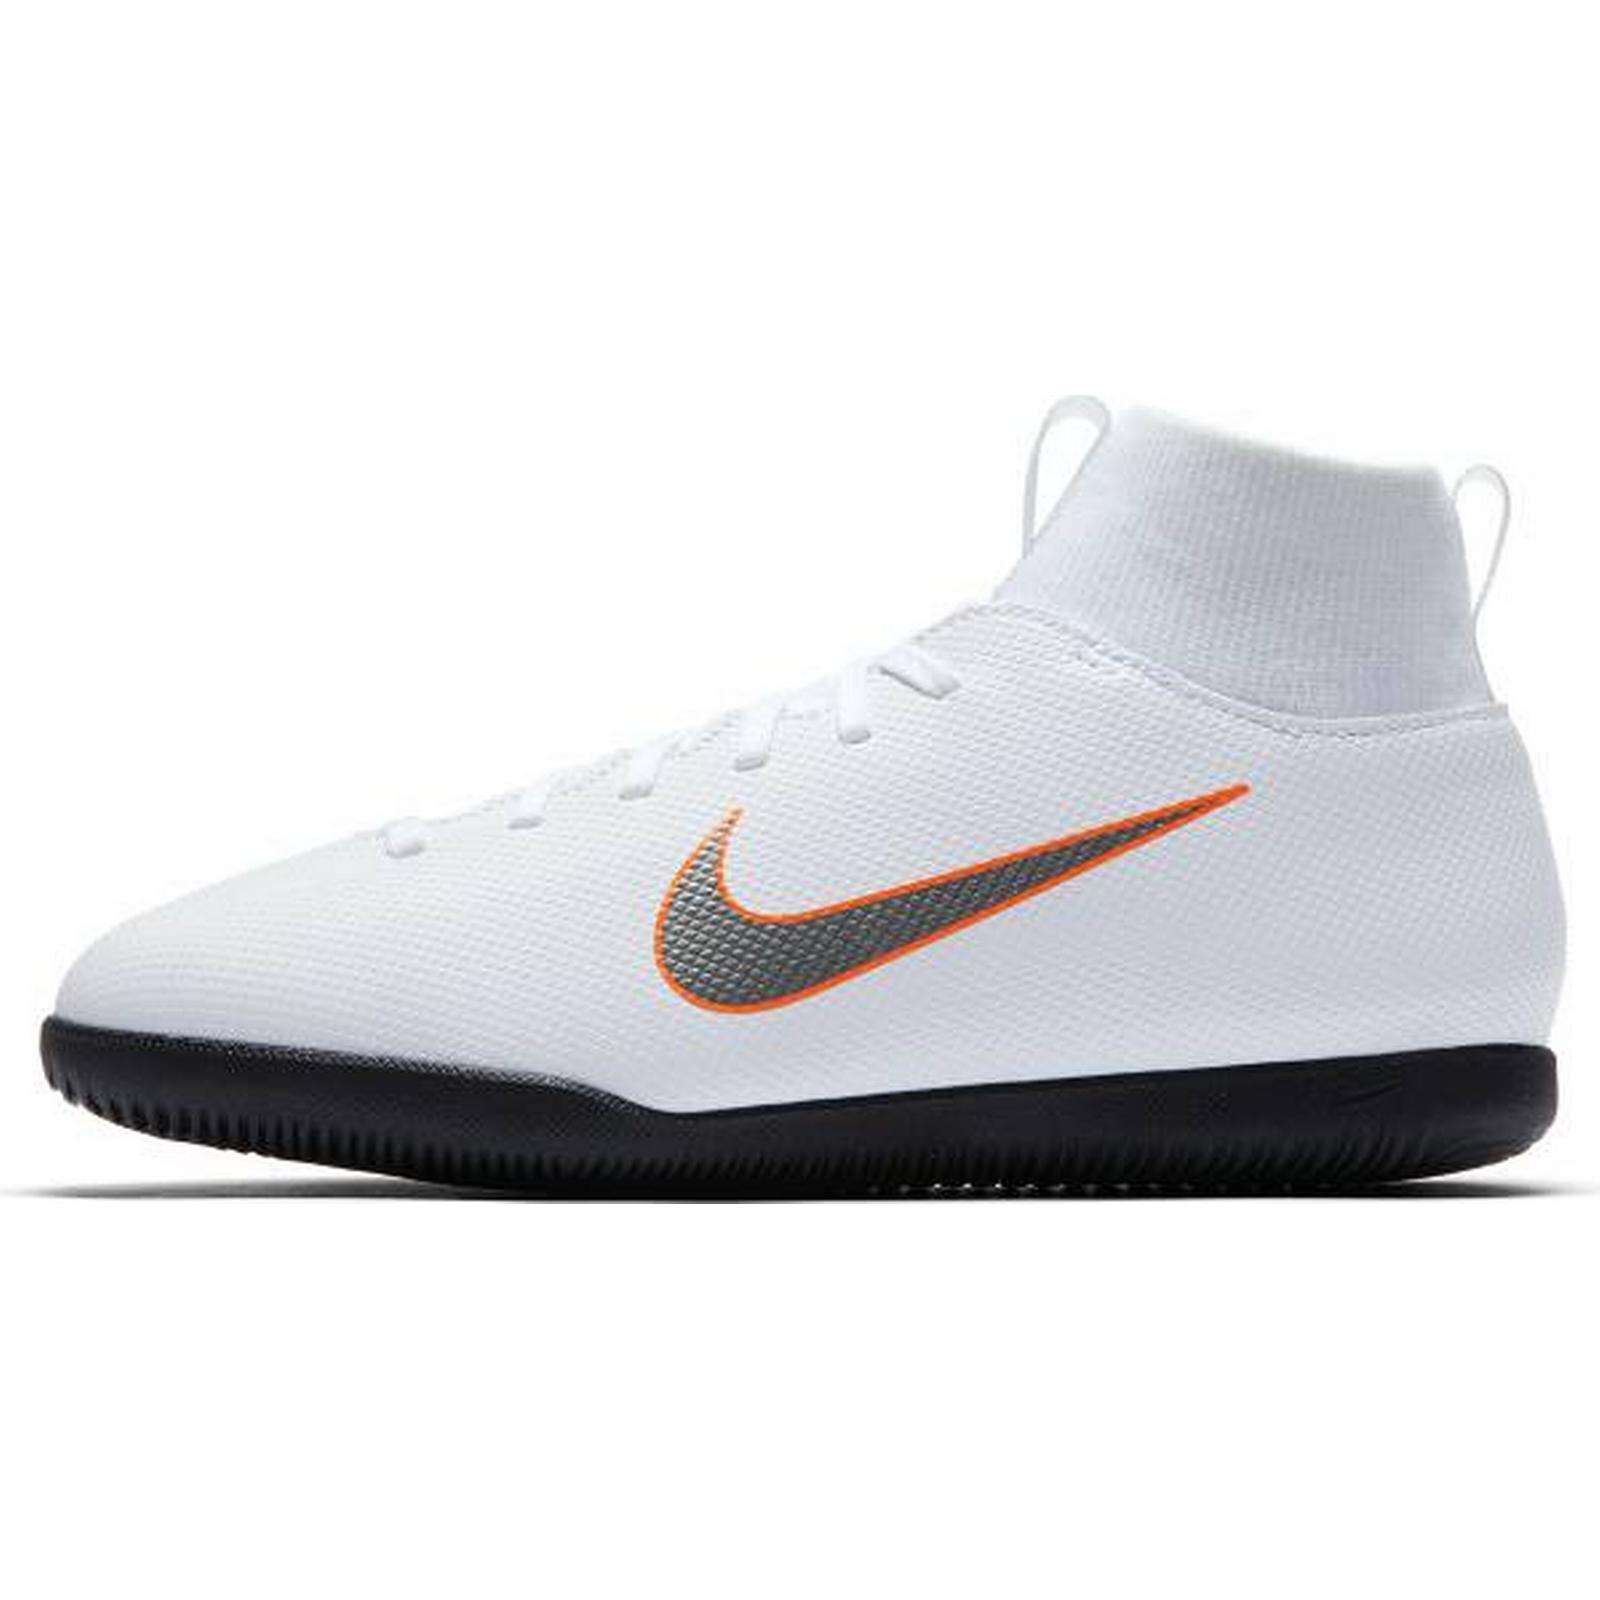 NIKE Halowe Buty Piłkarskie Dla Małych/dużych Dzieci Nike Club Jr. MercurialX Superfly VI Club Nike IC 60c536